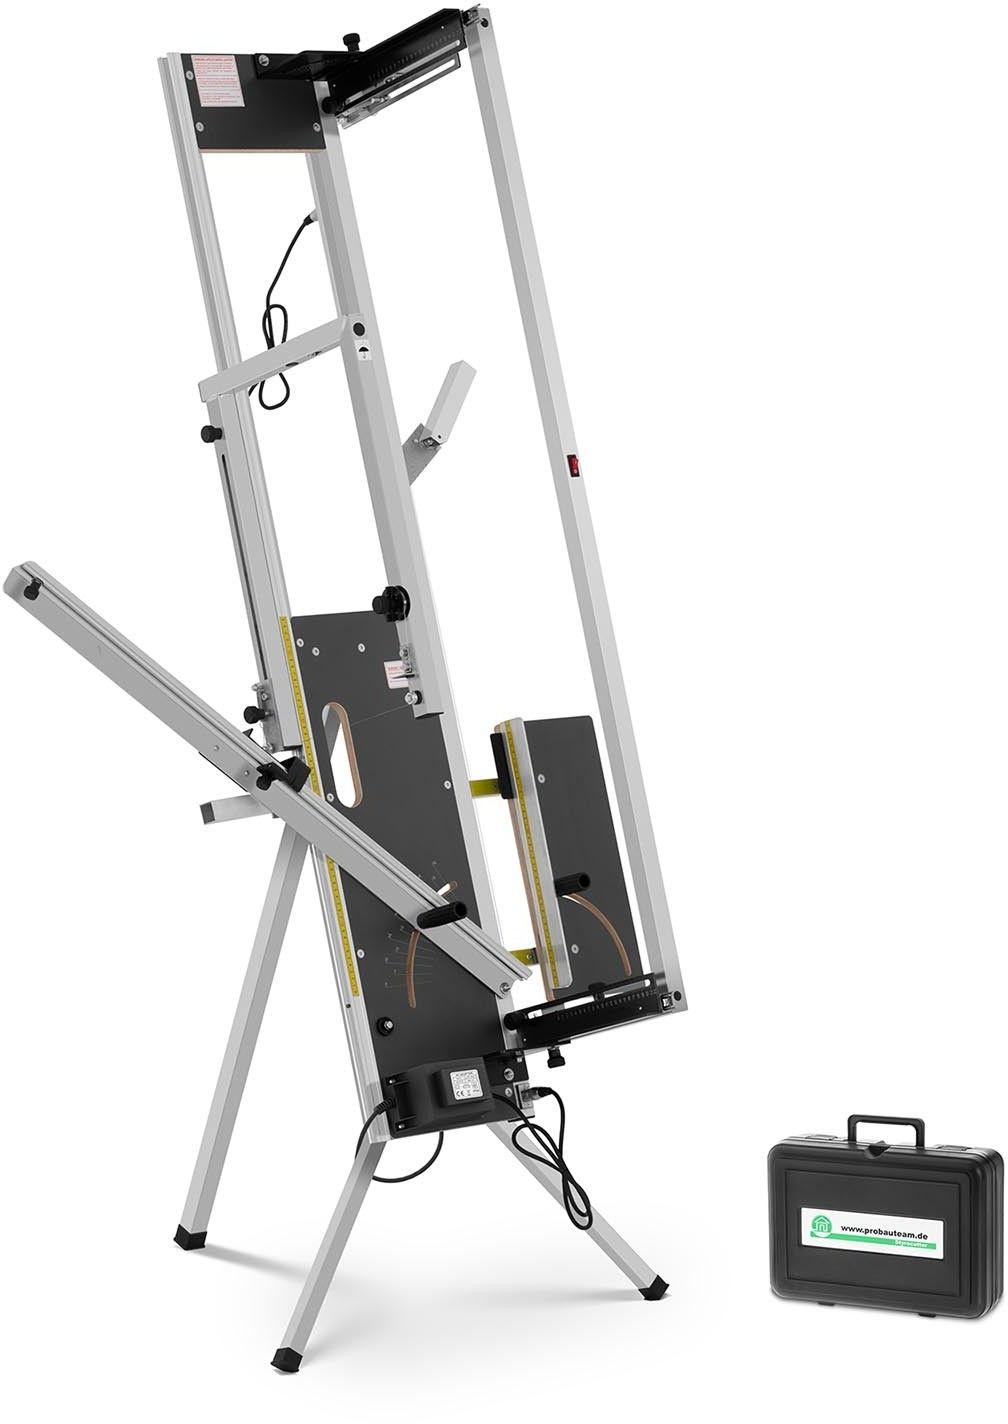 Maszyna do cięcia styropianu 3w1 - 200 W - transformator + Nóż do styropianu - 250 W - Pro Bauteam - ALUCUTTER 3IN1 V2 TRANS SET - 3 lata